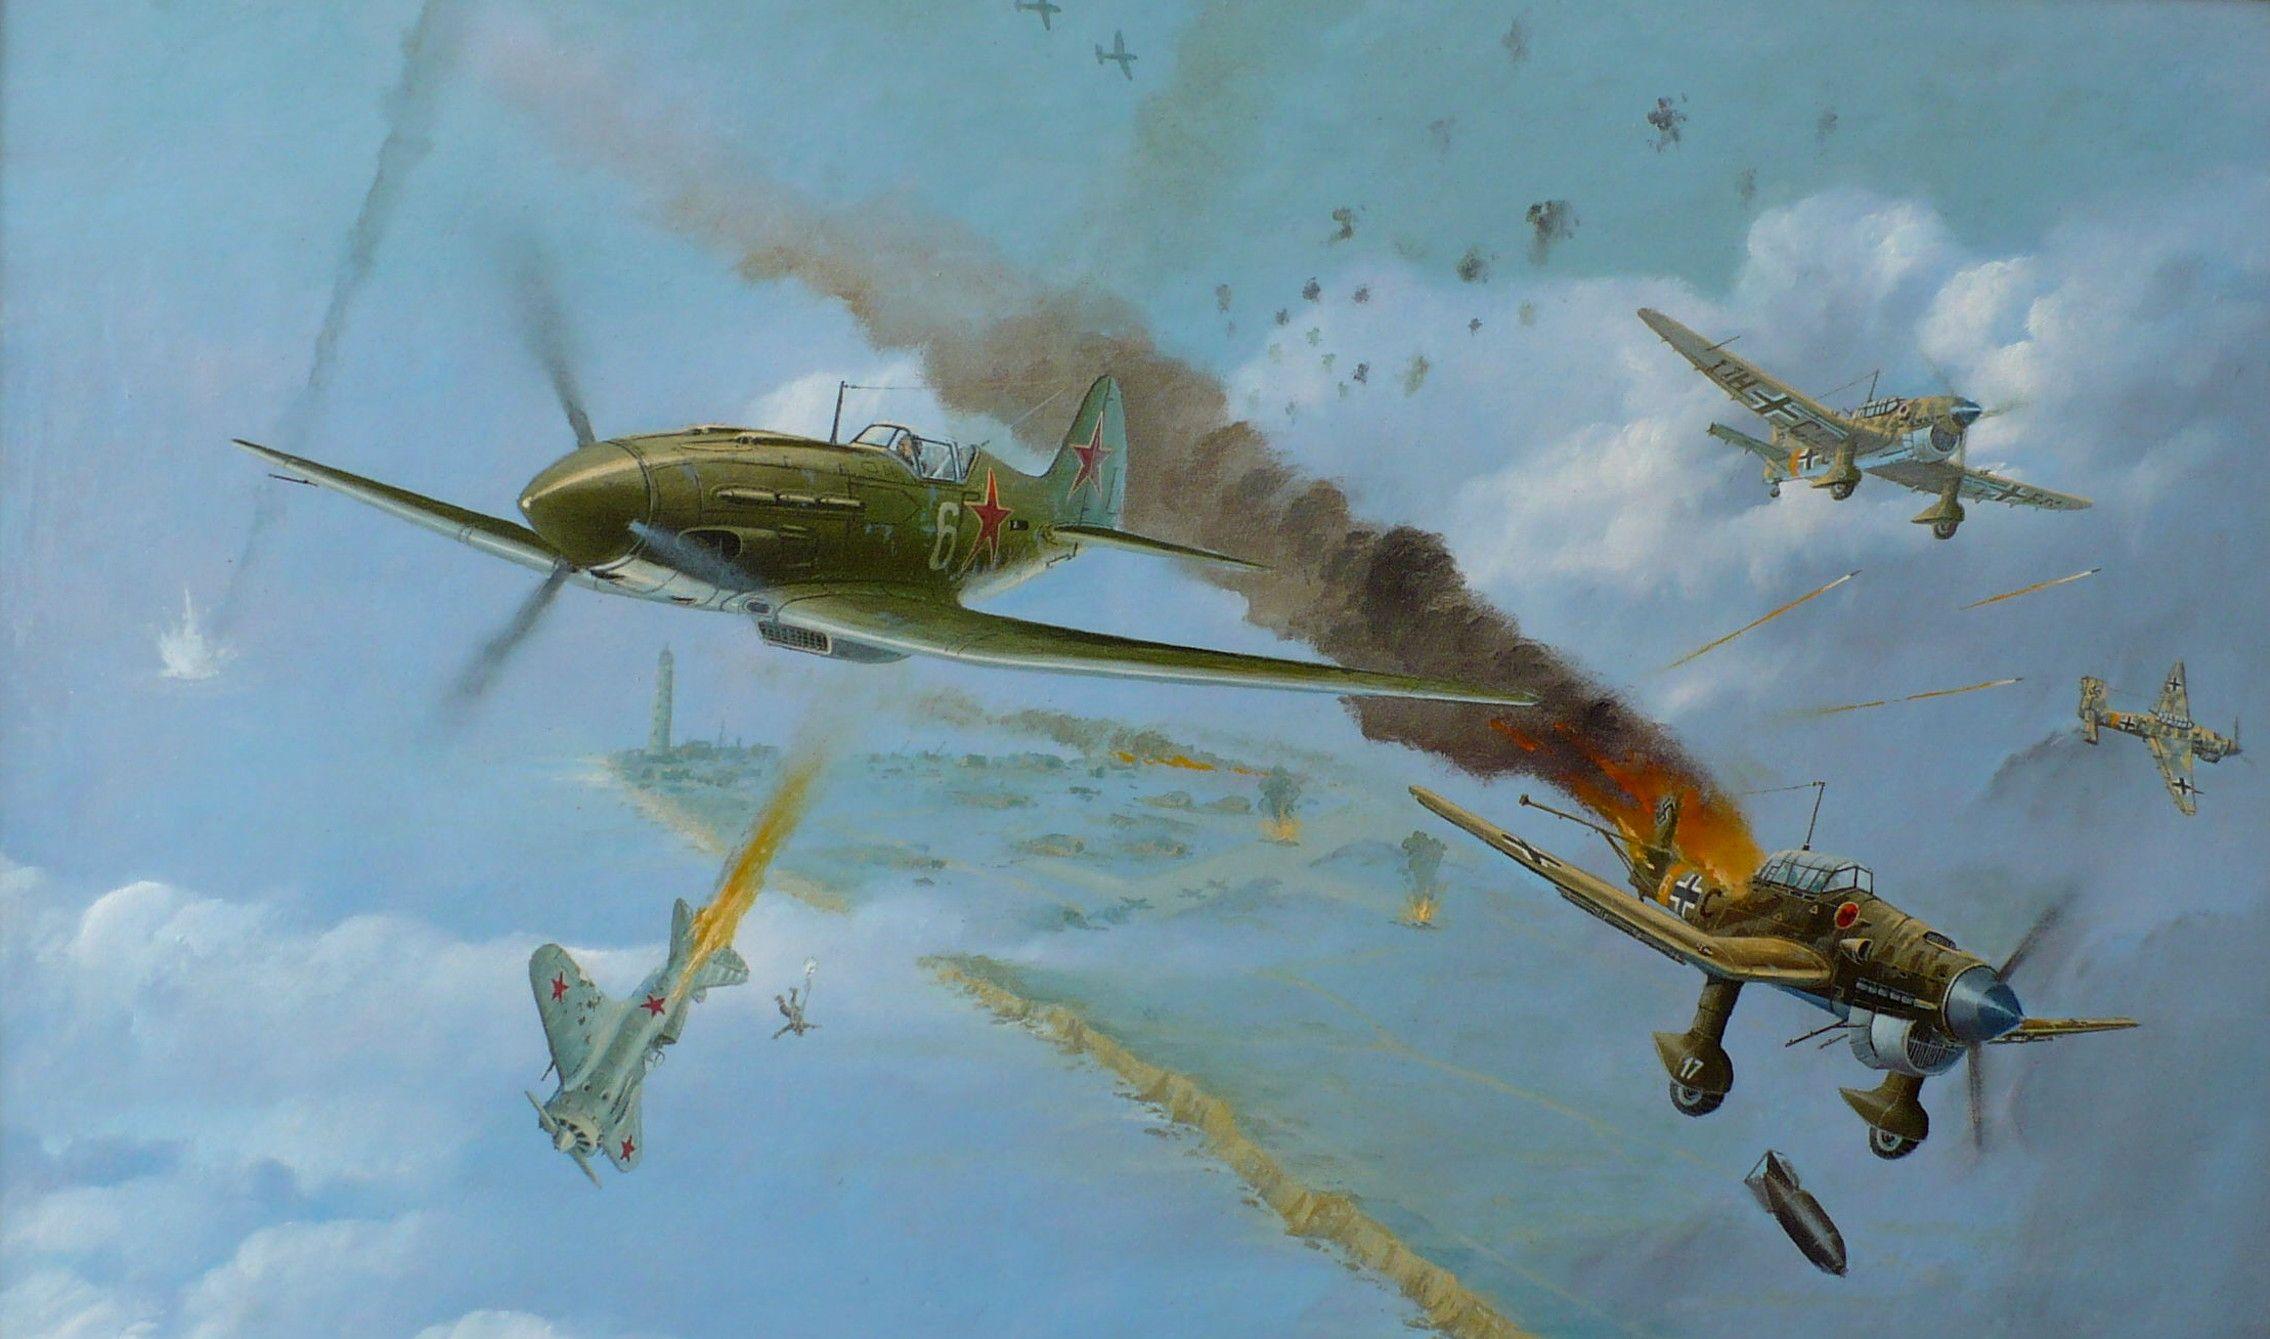 Воздушный бой война картинка